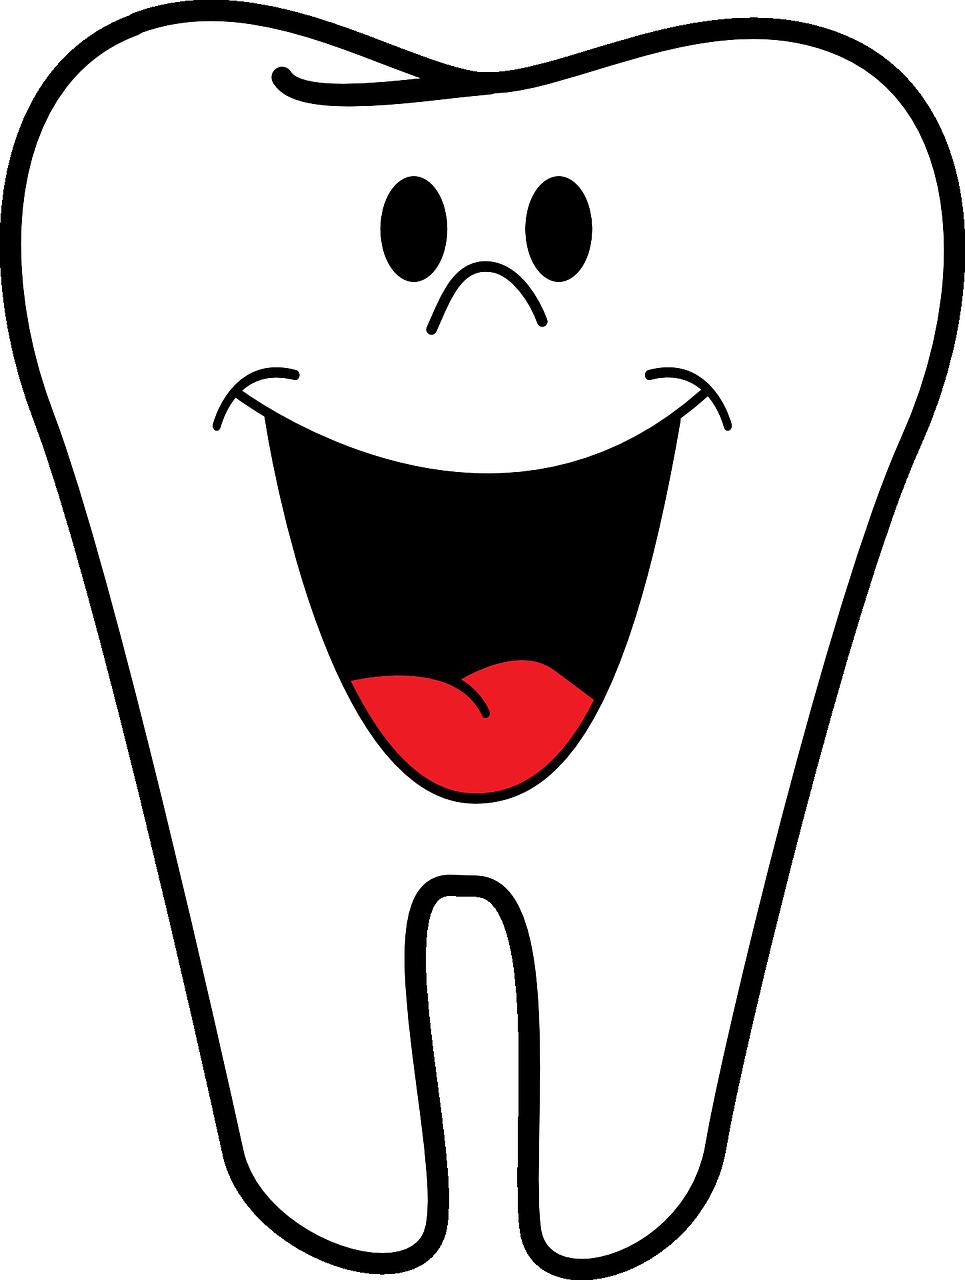 Clinica dental Alicante Javier Revuelta